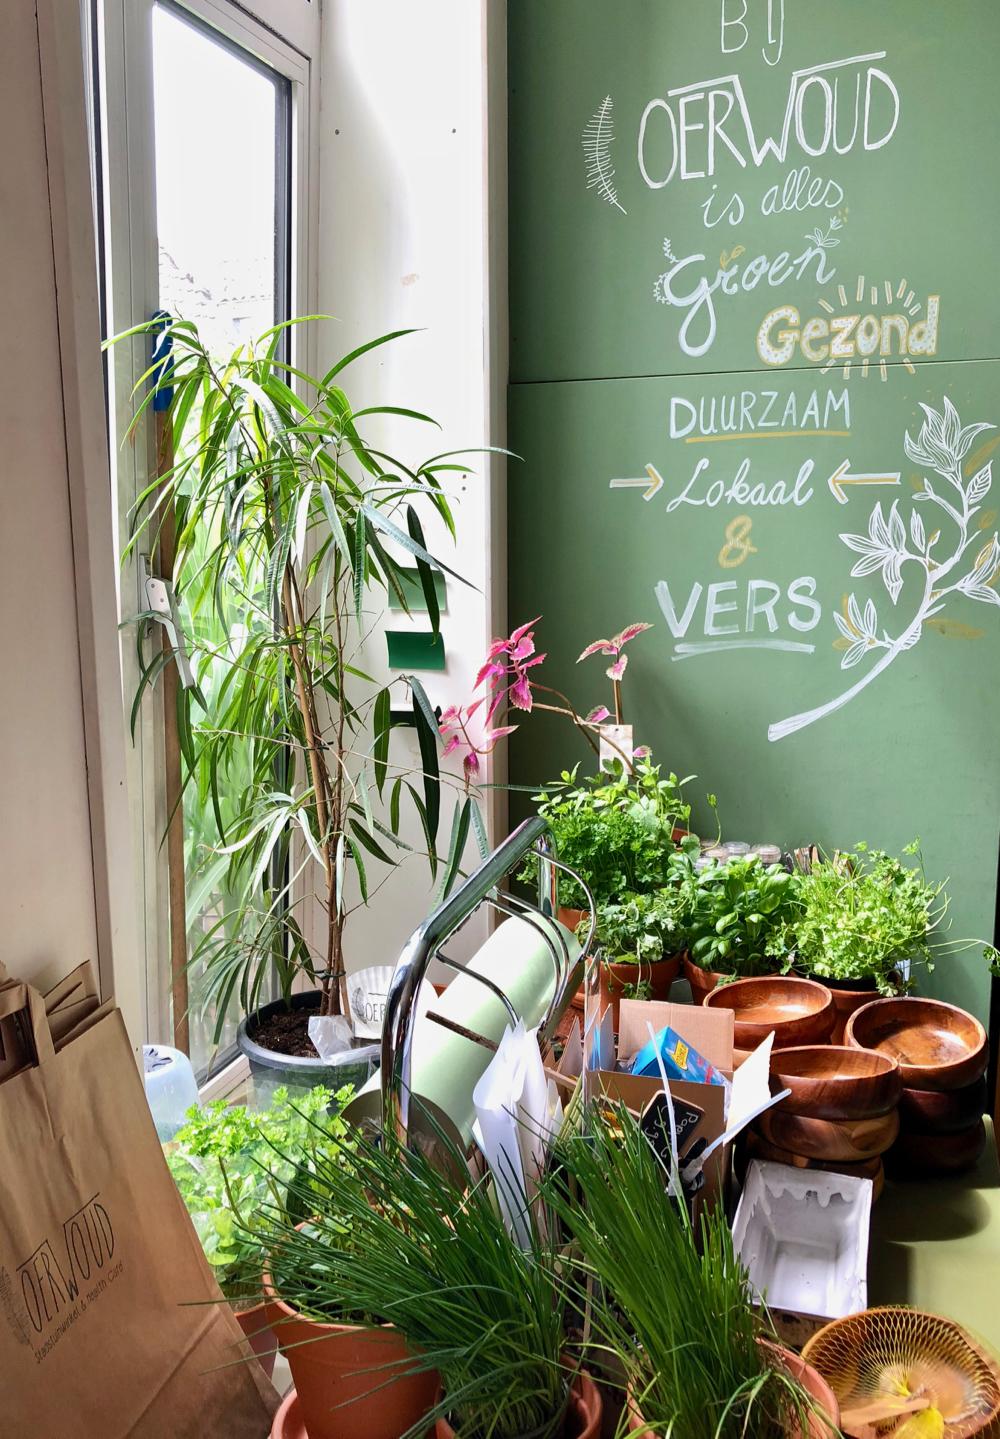 Planten, potjes en een groen krijtbord voor het raam met de tekst: Bij Oerwoud is alles vers